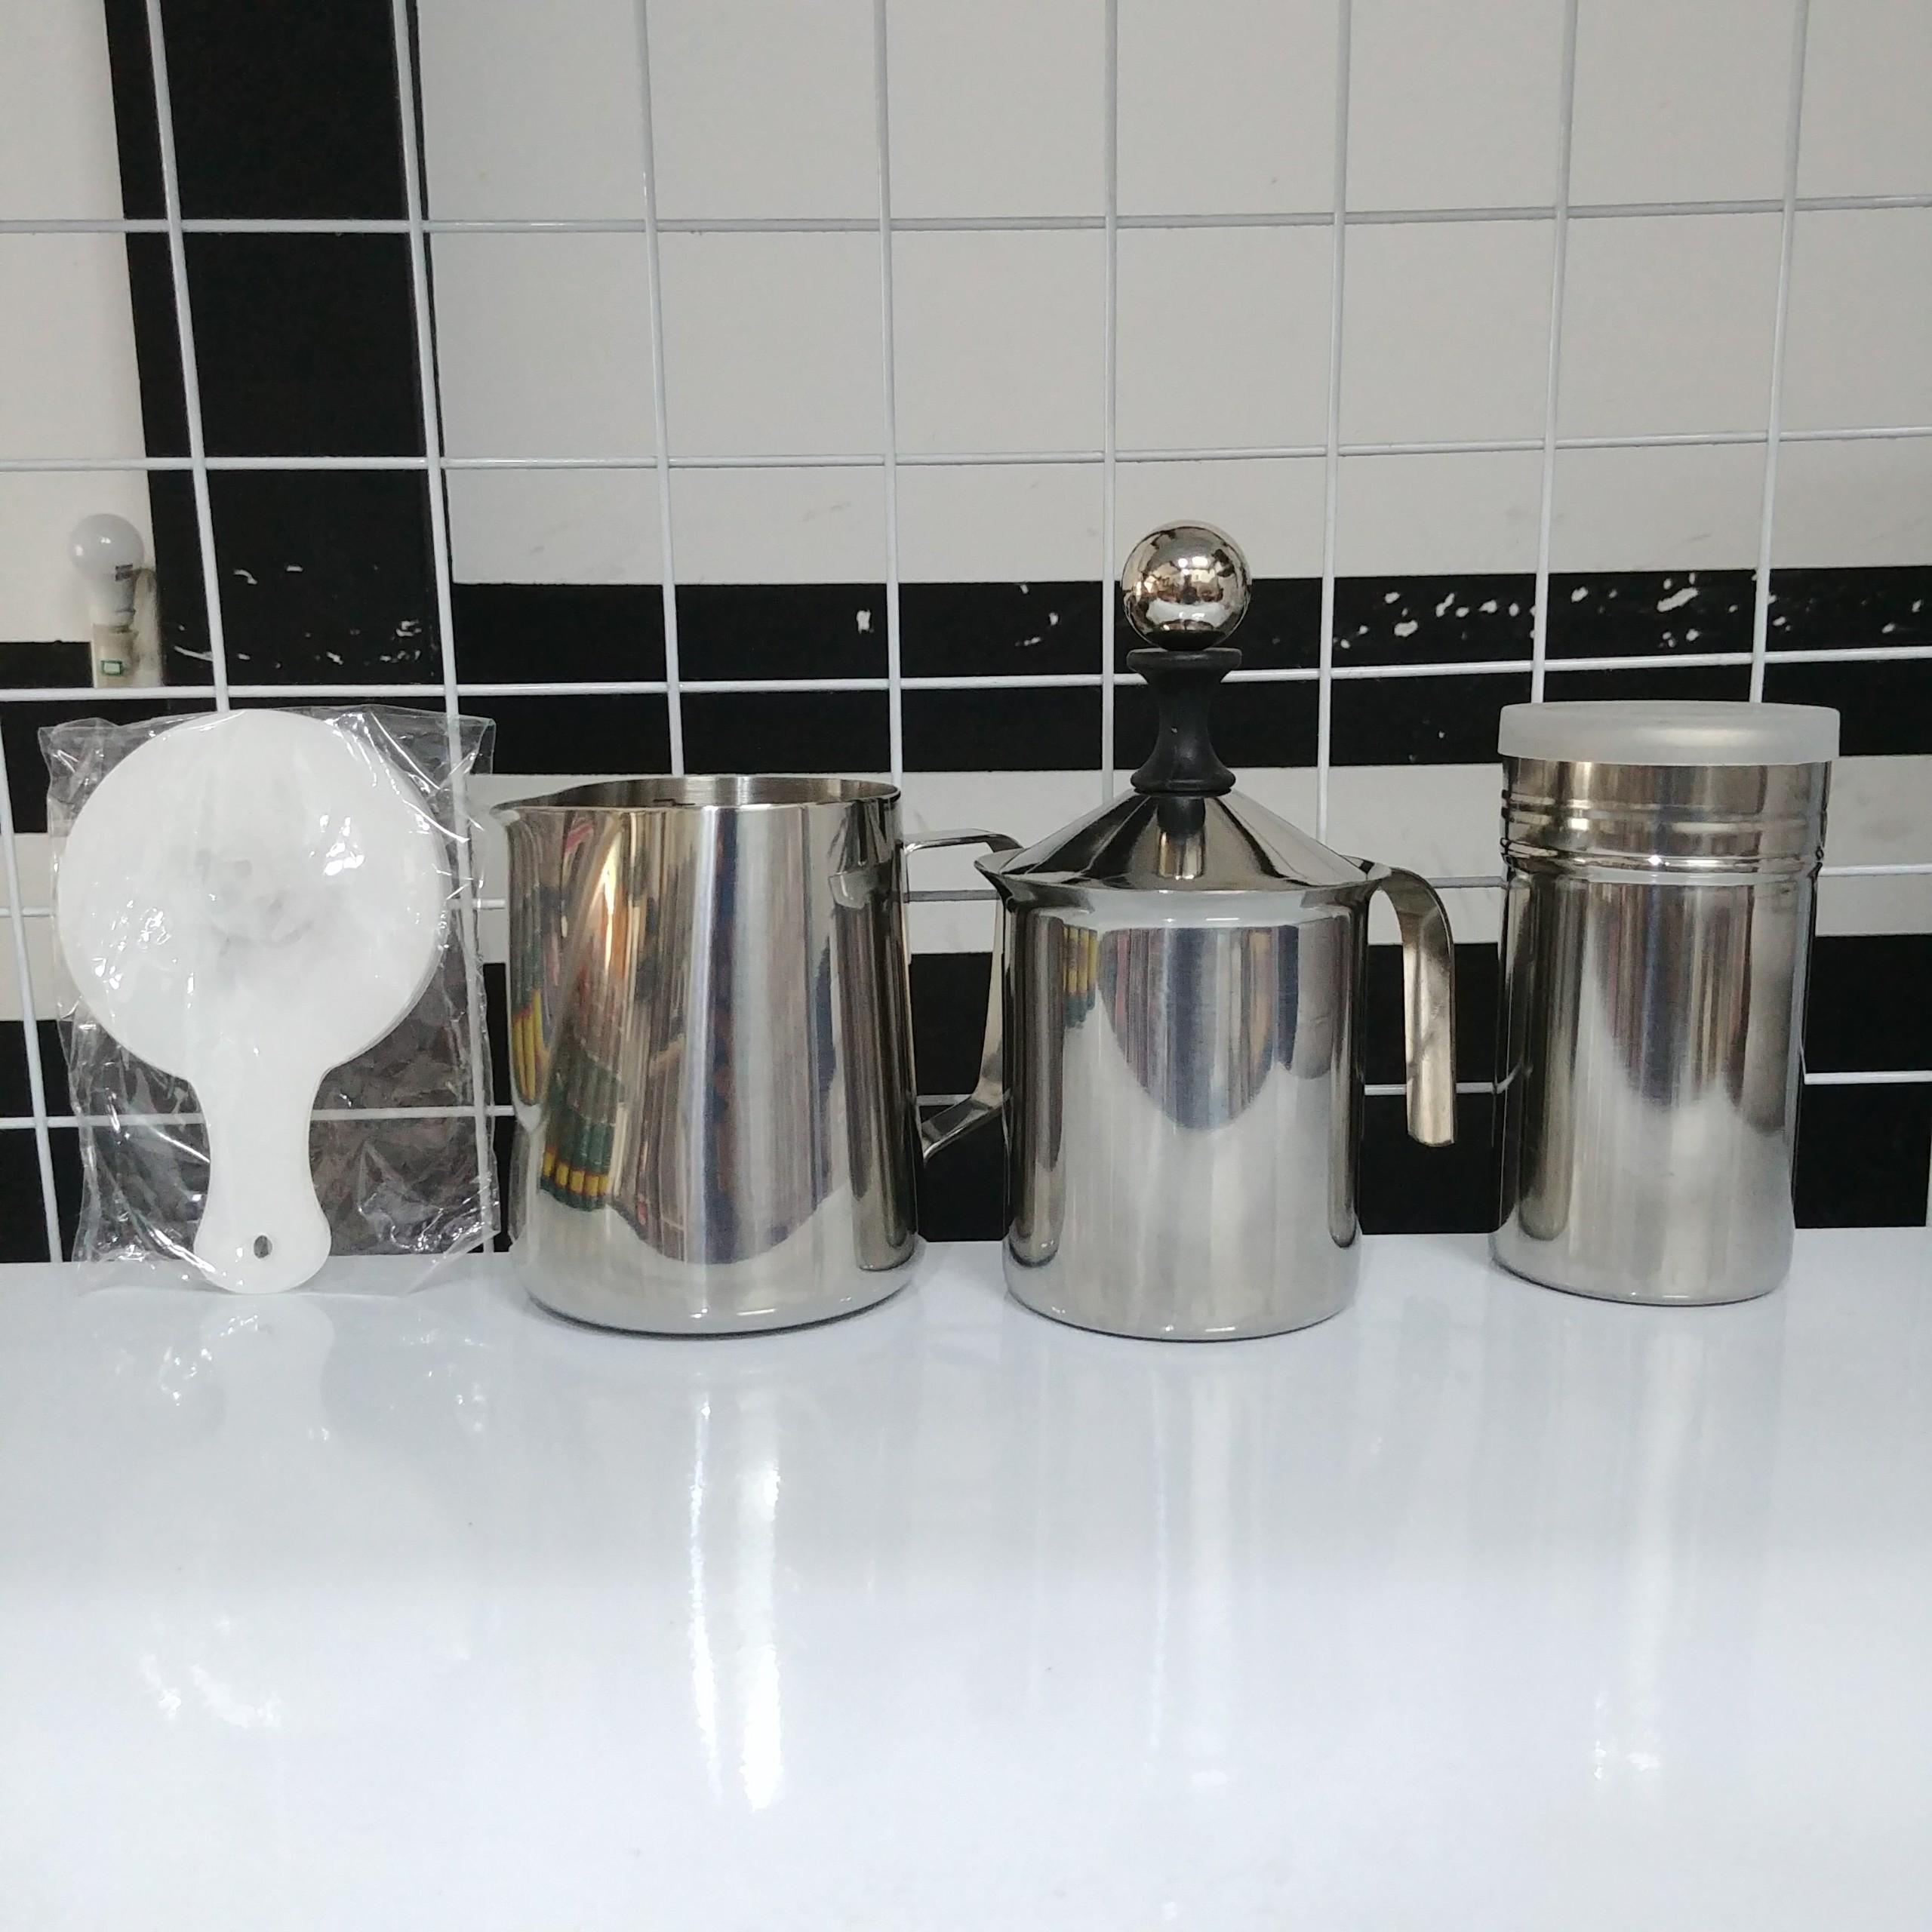 Bộ 4 dụng cụ đánh bọt sữa có khuôn rắc bột (Ca inox 600ml)